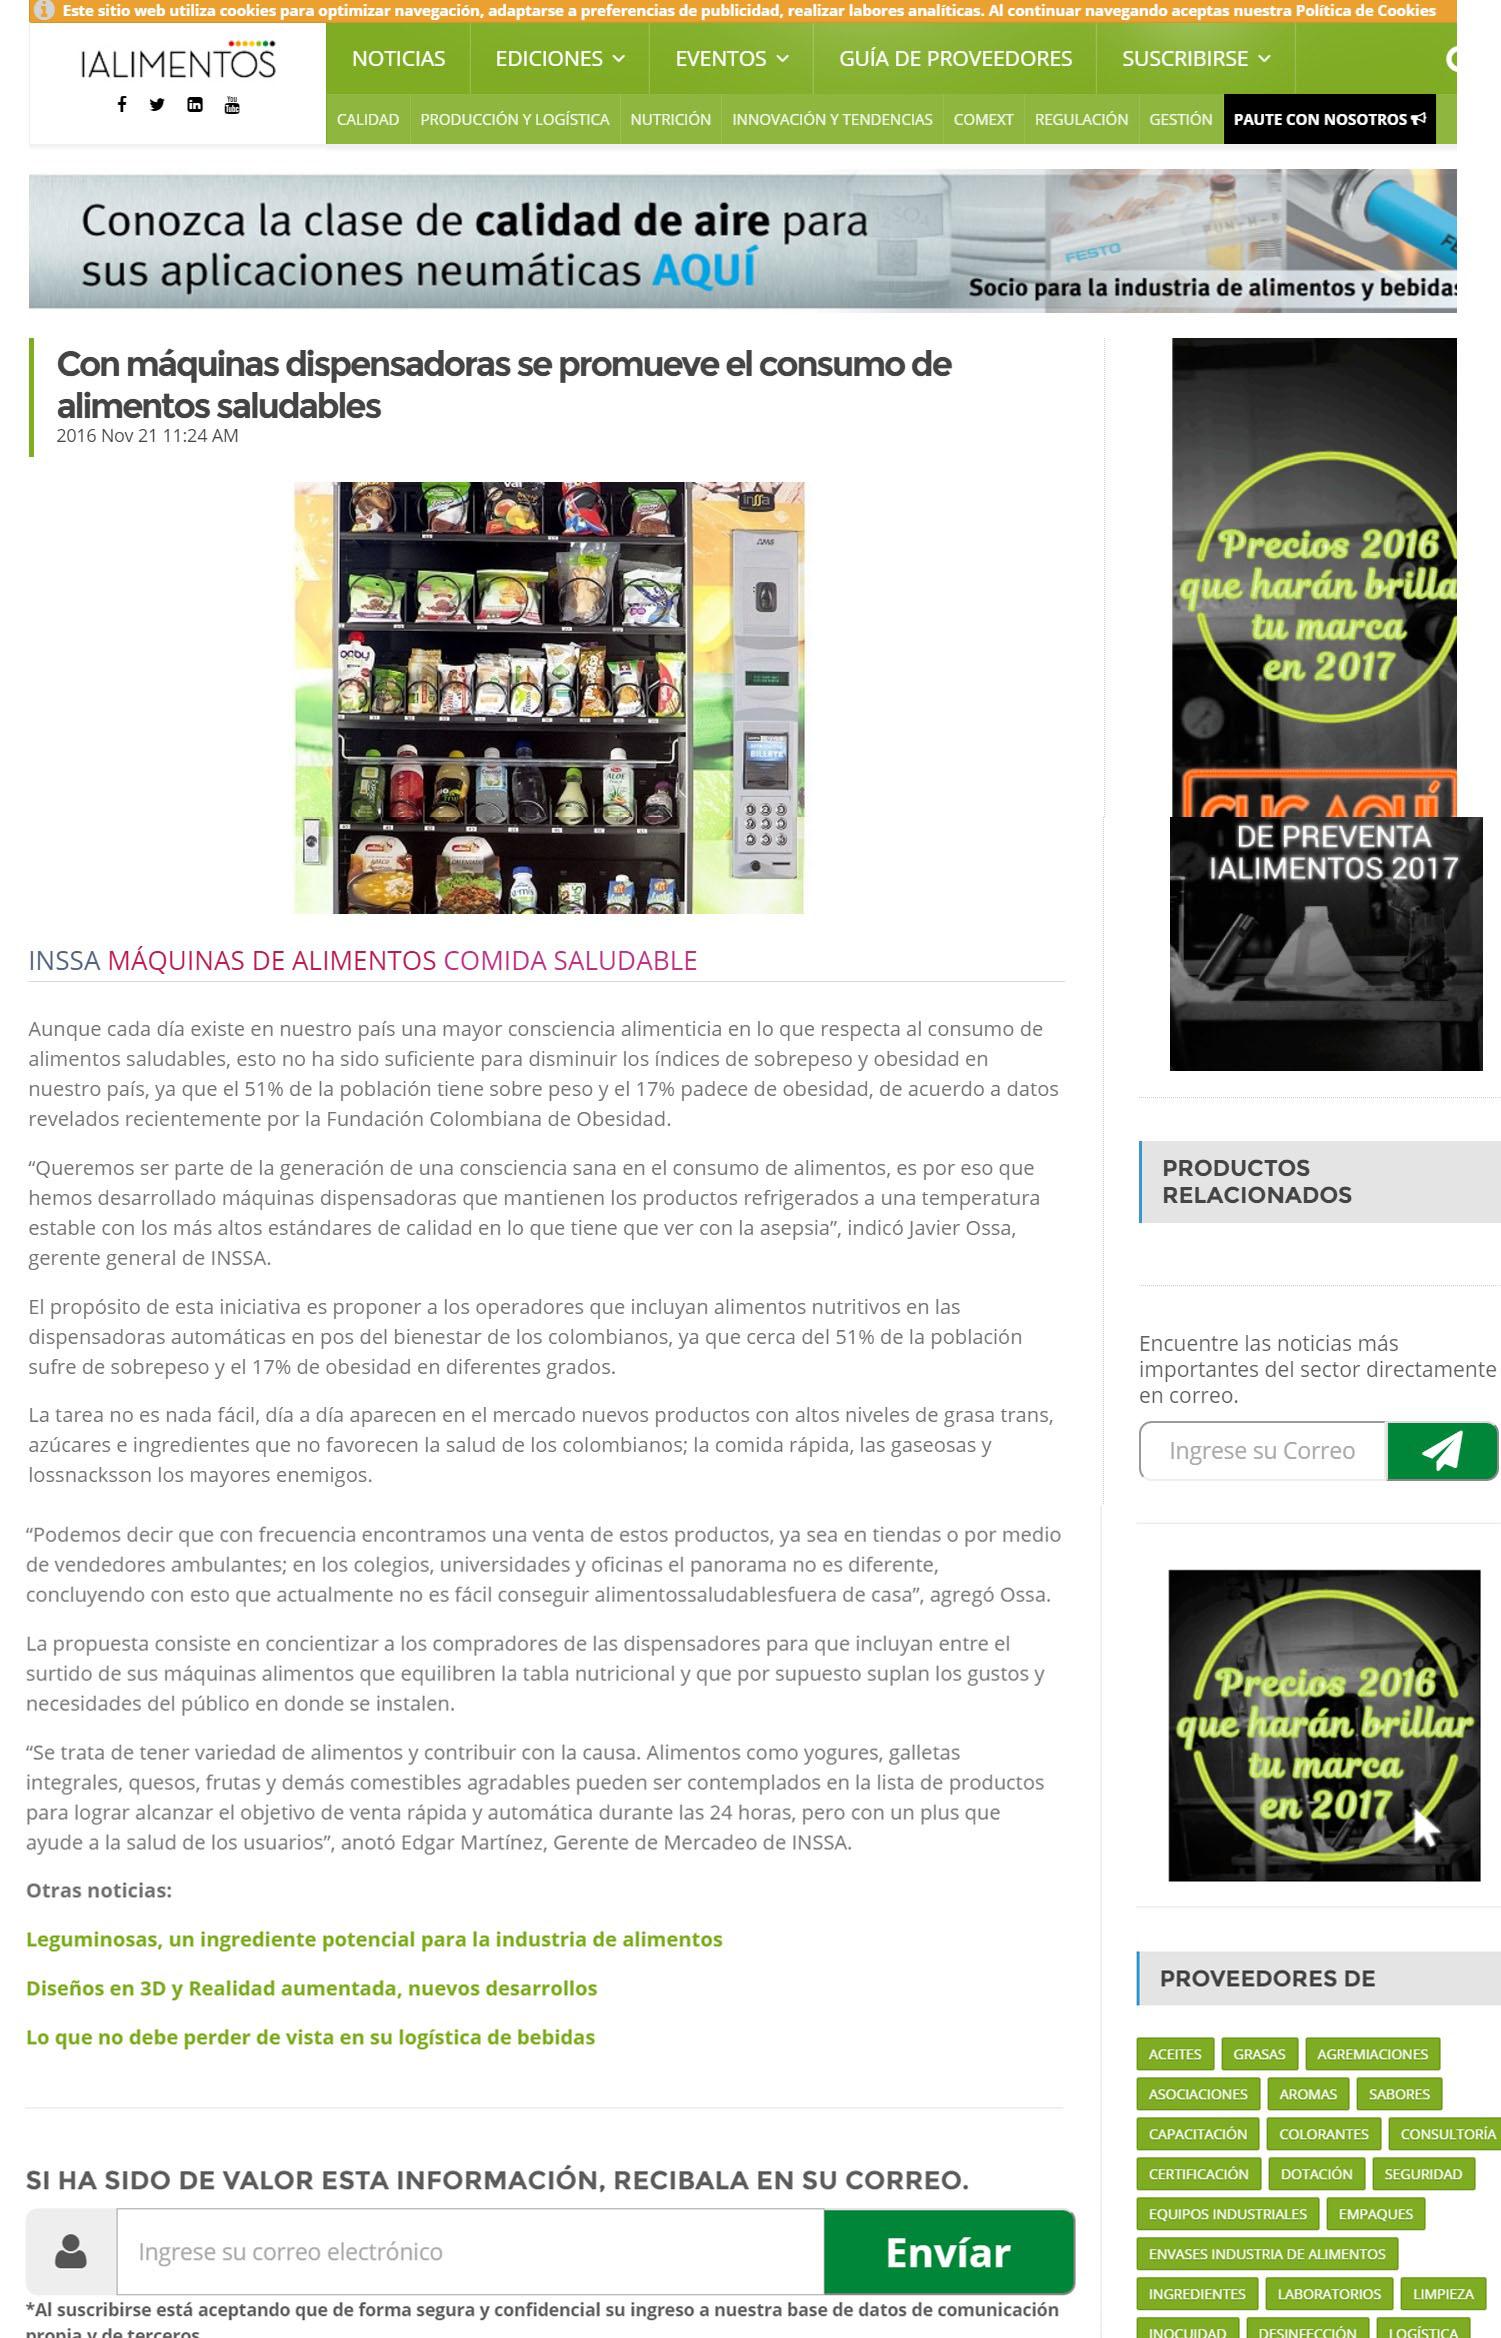 Revista I Alimentos 21 de Noviembre de 2016 [web]